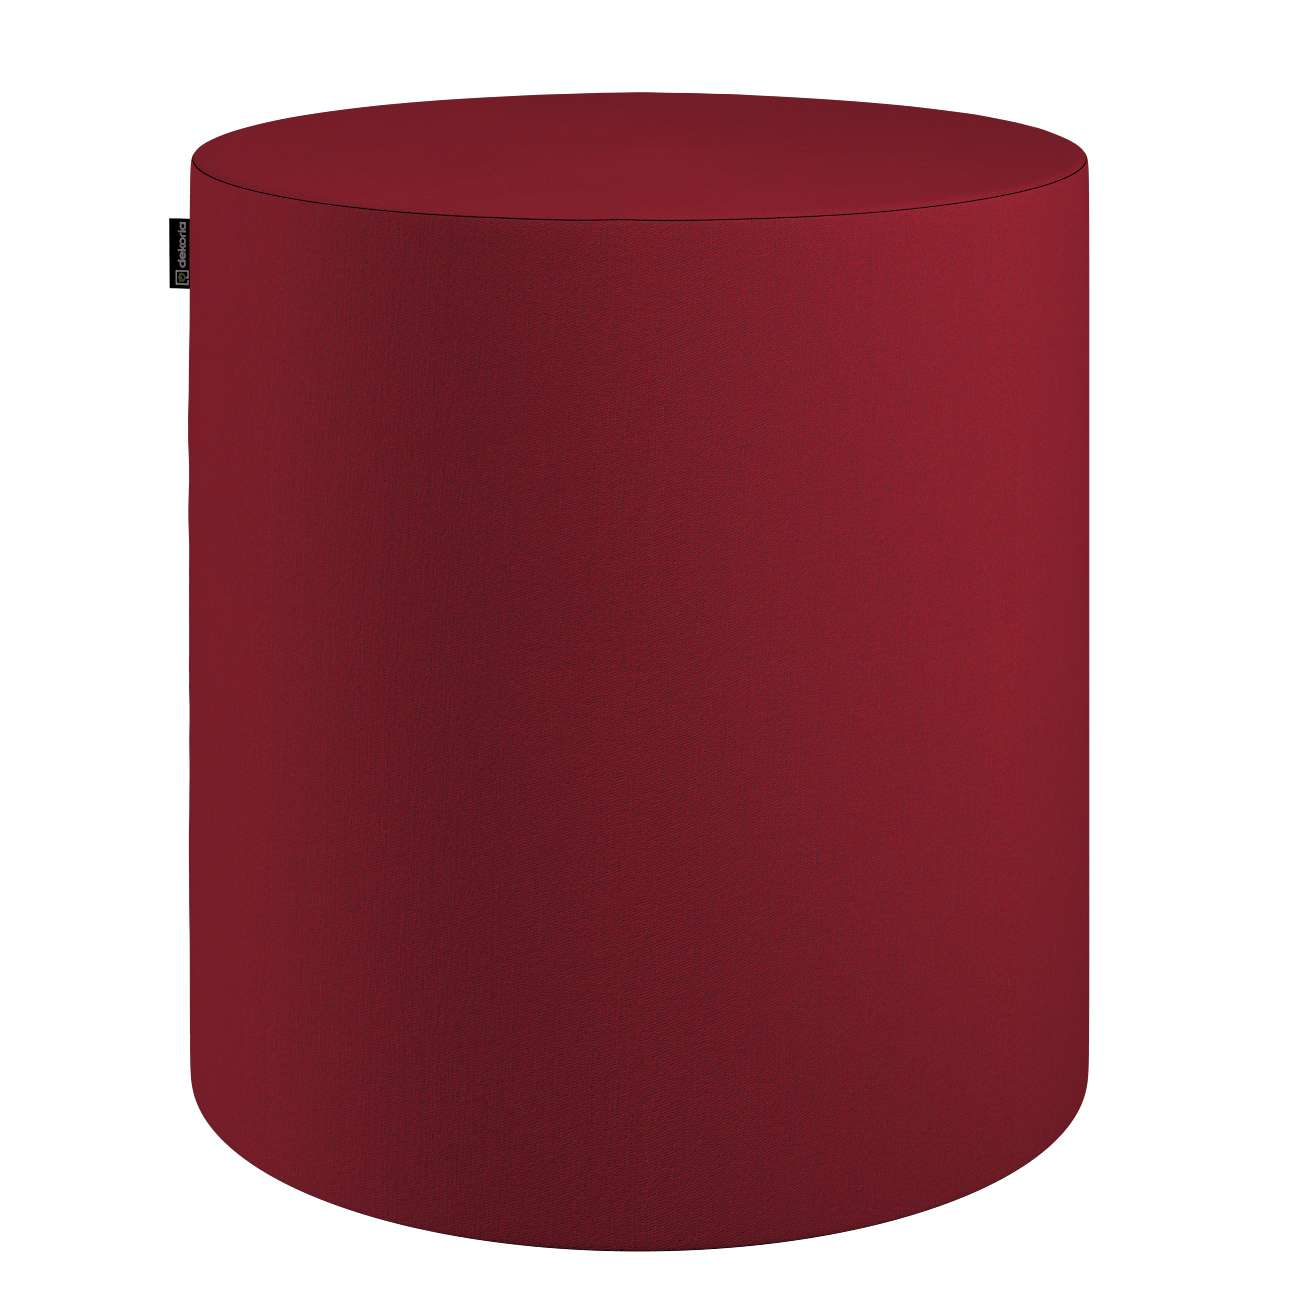 Pouf Barrel von der Kollektion Chenille, Stoff: 702-24